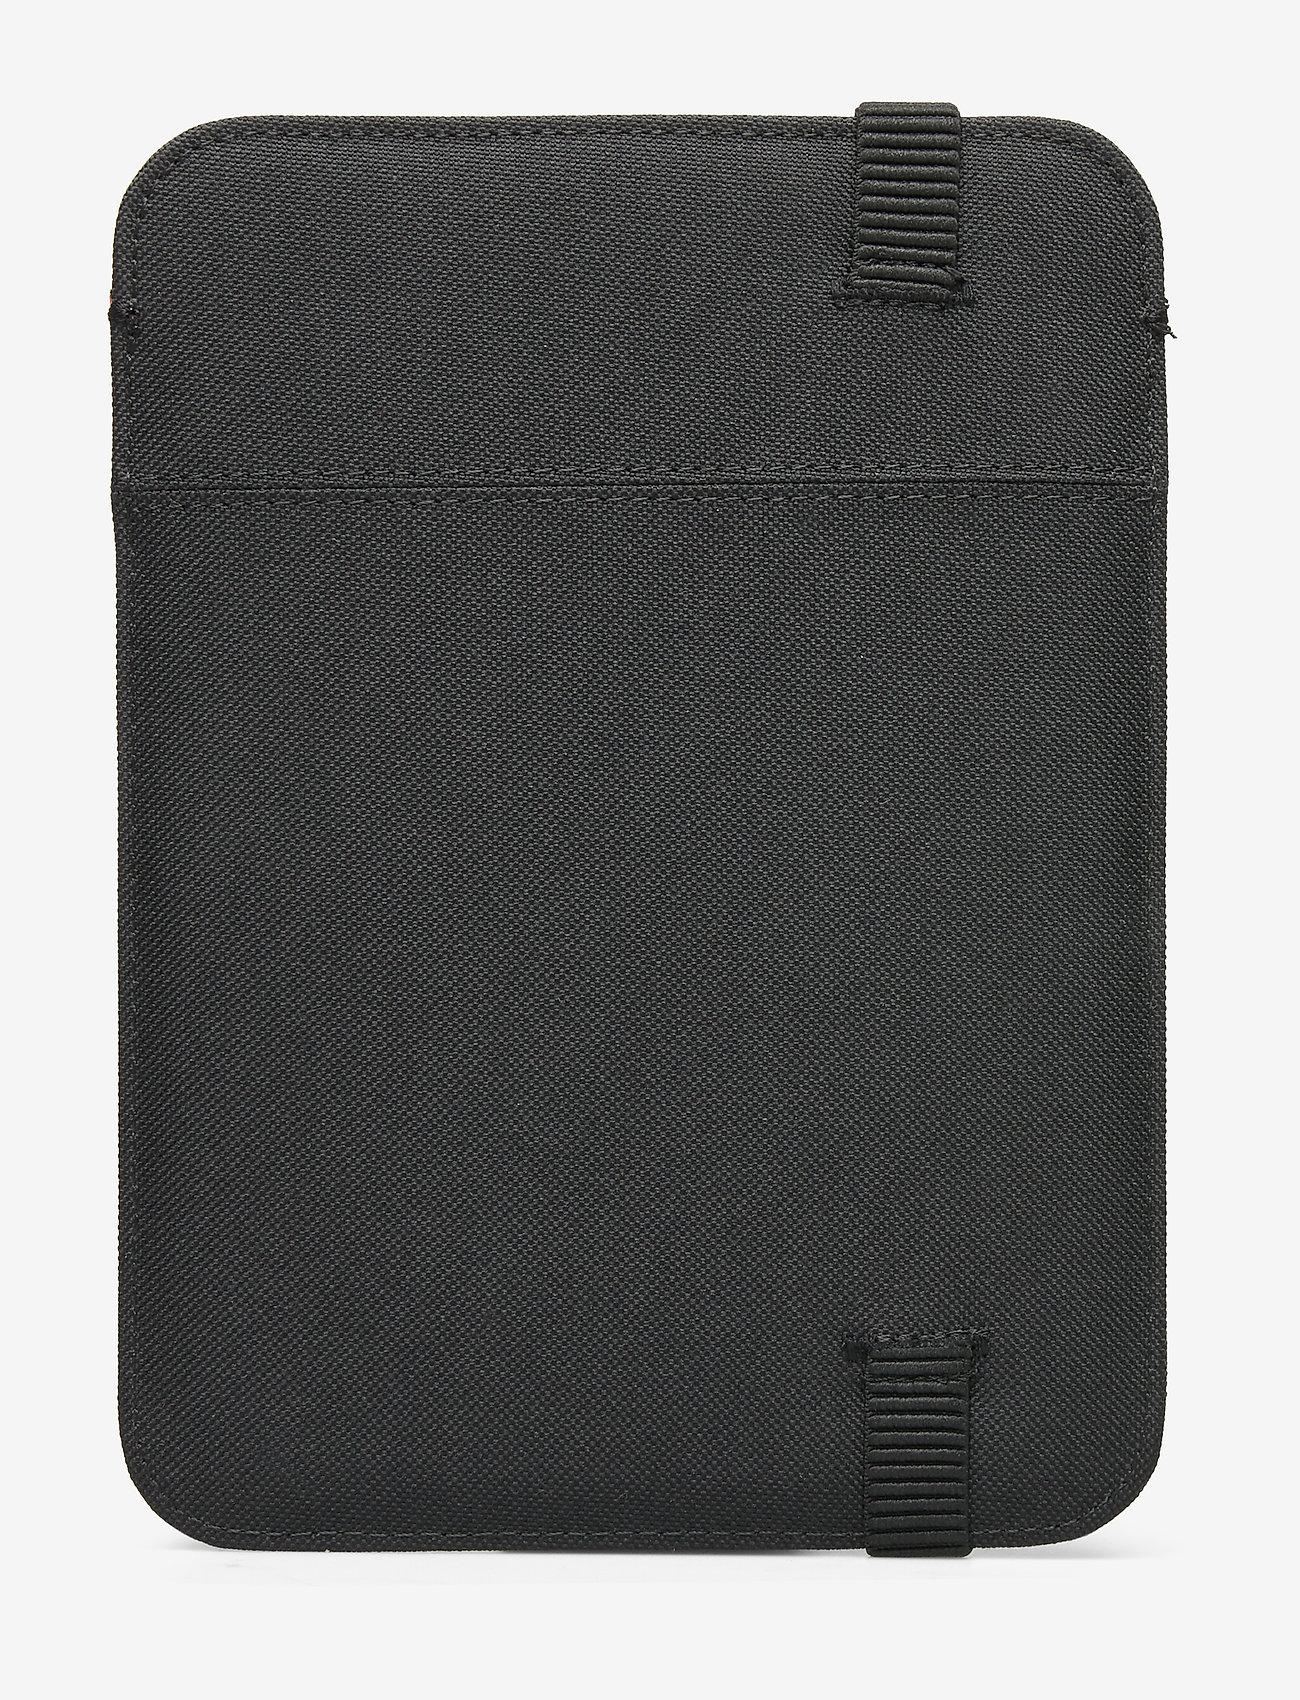 Cypress Mini - 600d Poly Black (Black) - Herschel 1VRzJa